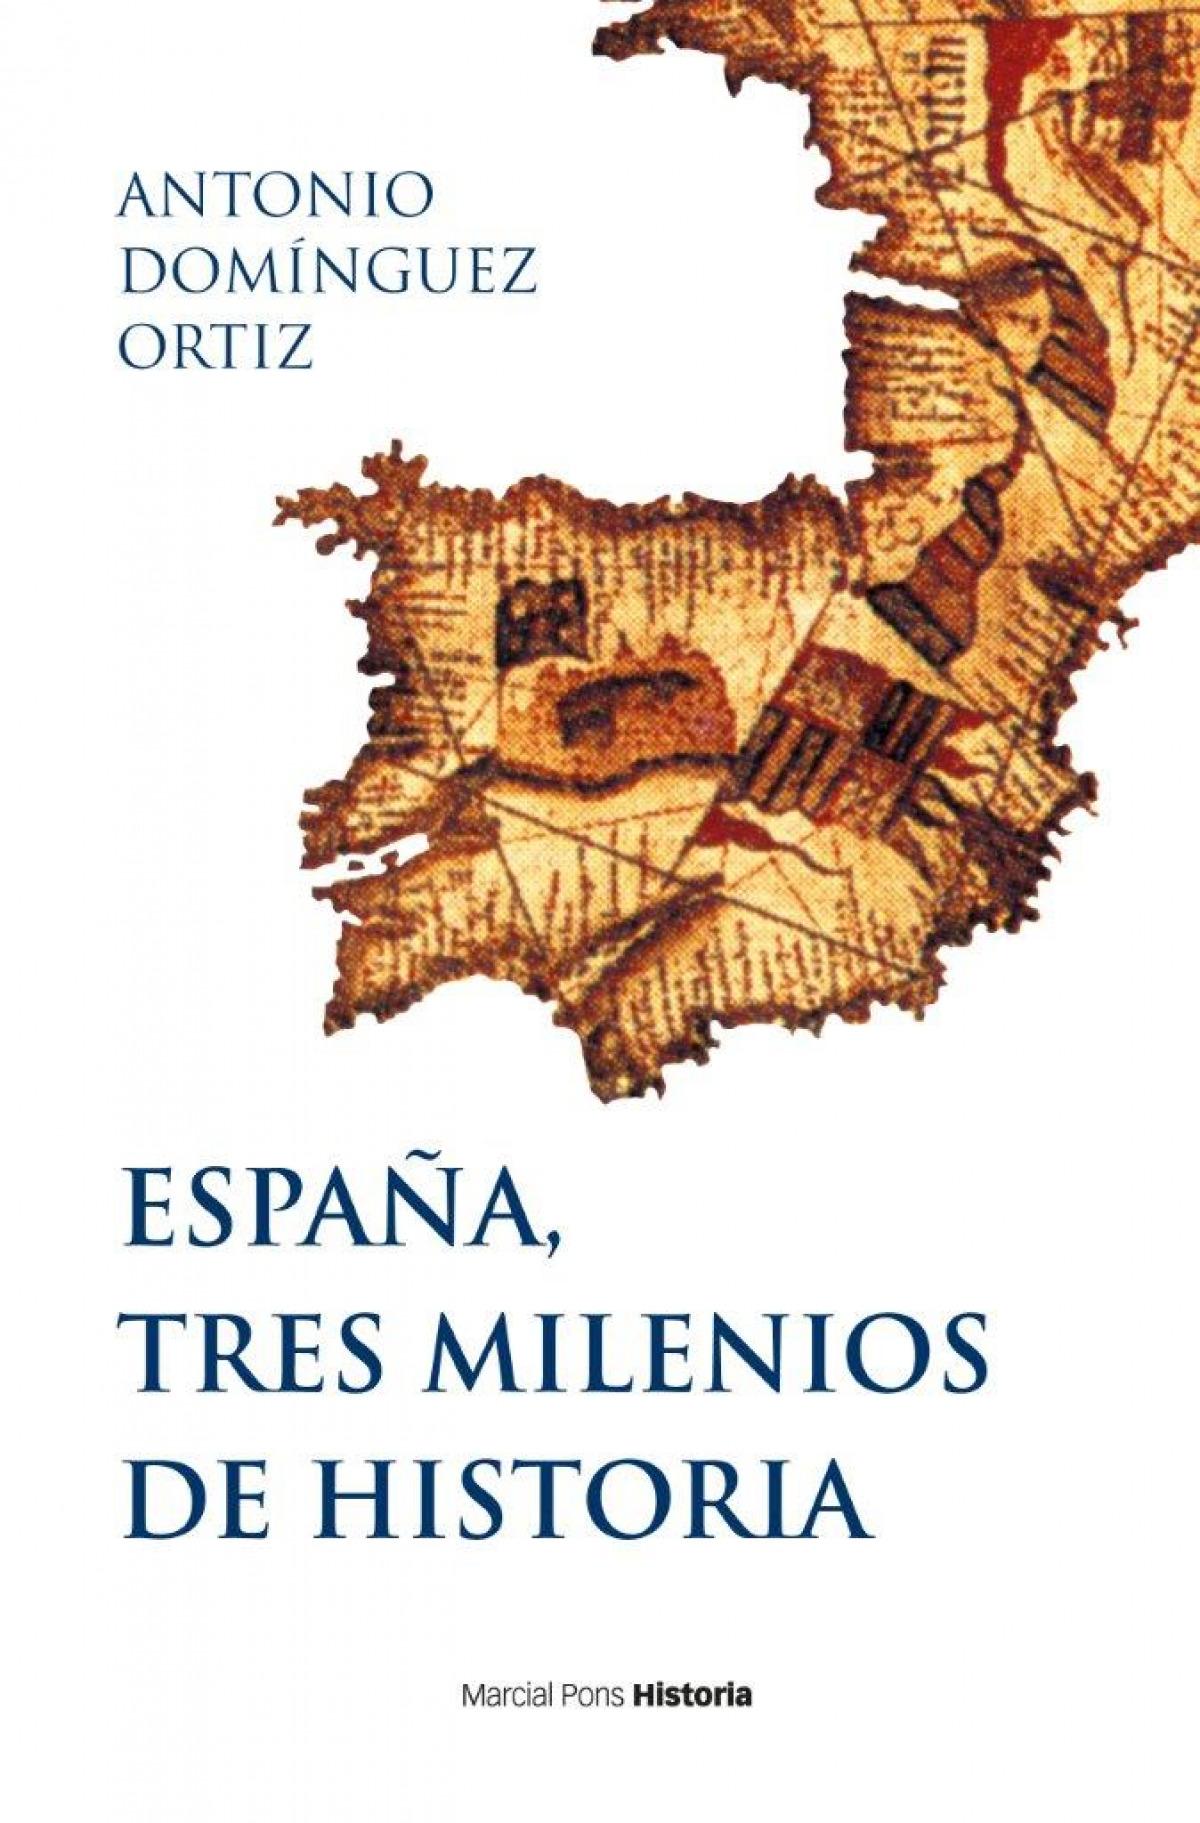 España, tres milenios de historia 9788417945404